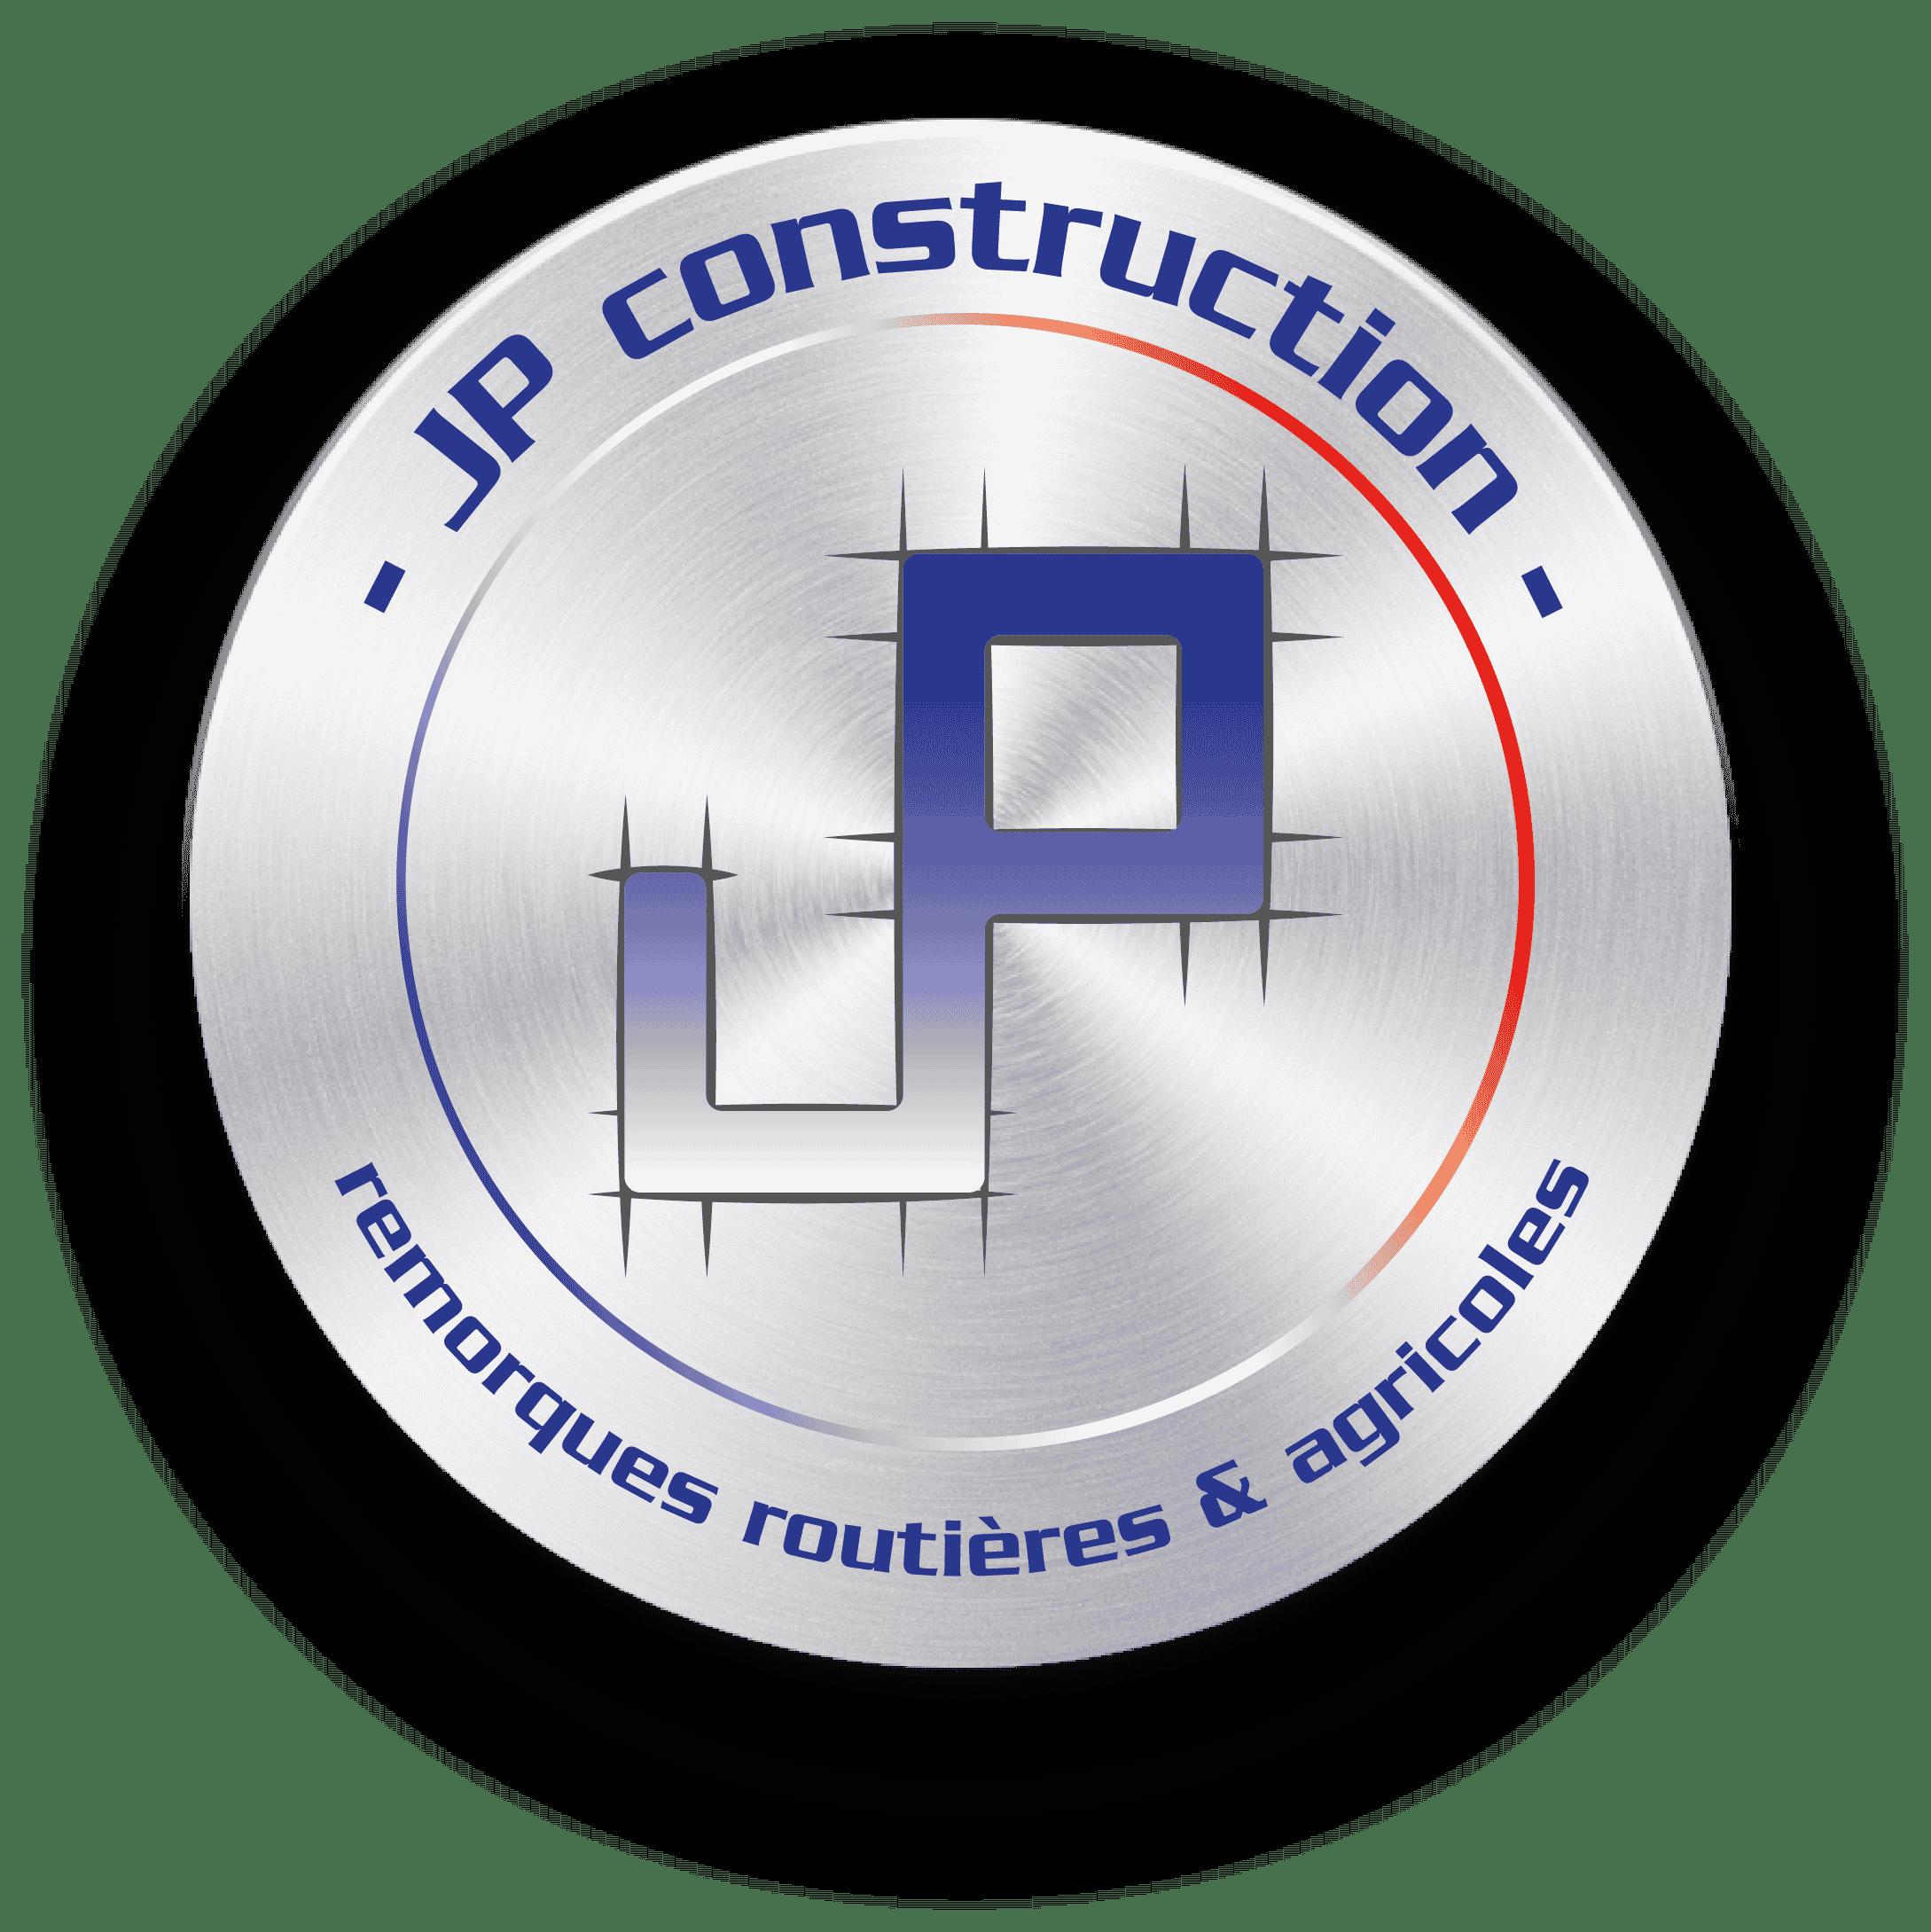 Logo créé par Ouistiti - Studio Graphique